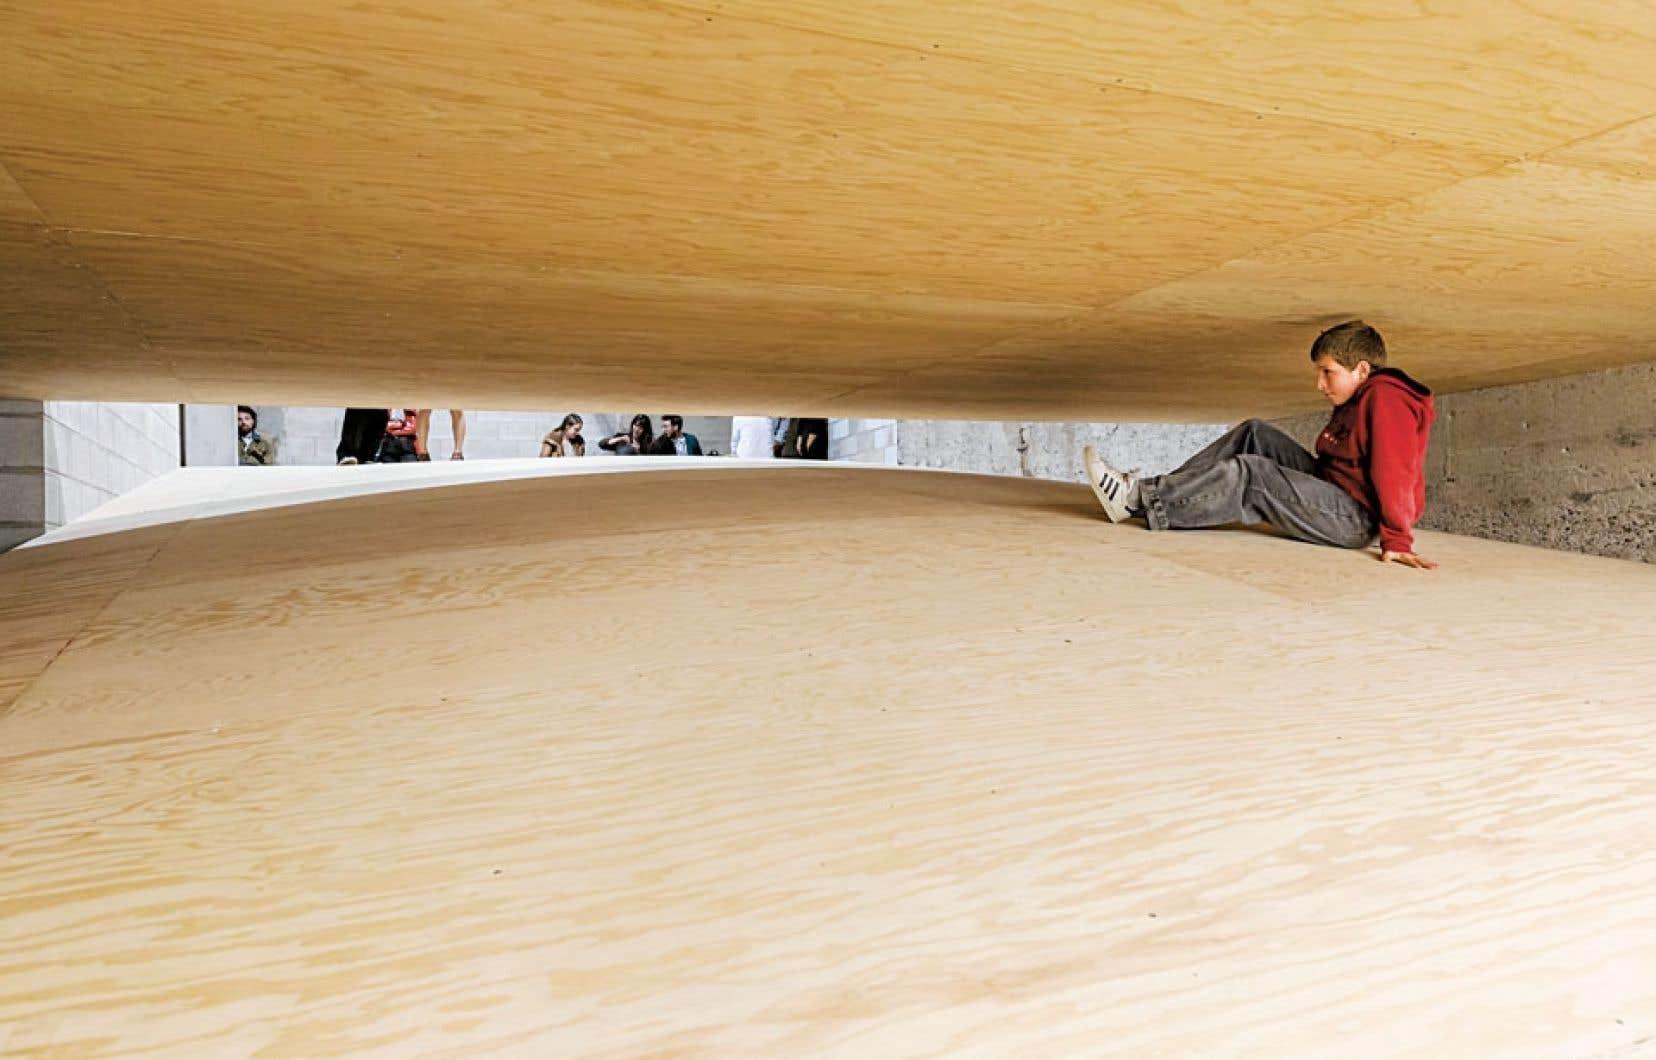 L'œuvre L'un sur l'autre d'Alexandre David est faite de structures de bois qui éprouvent les limites du lieu.